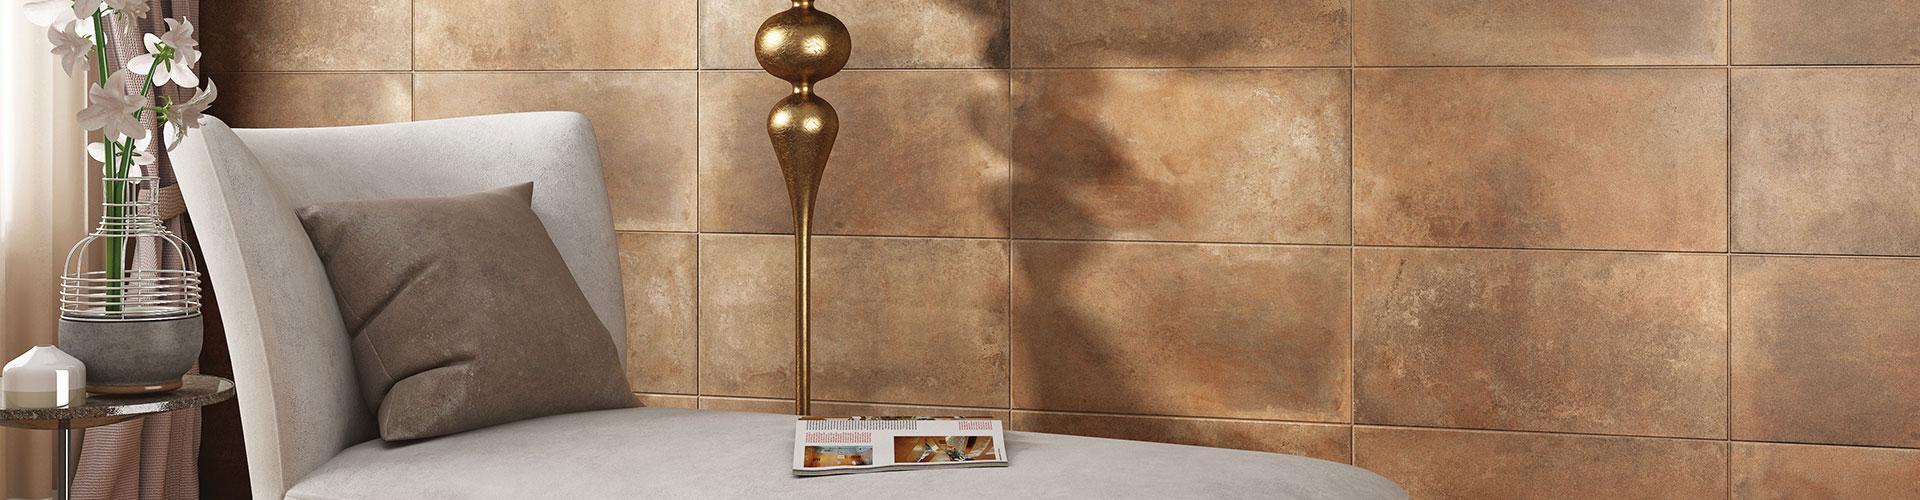 poliüretan duvar kaplama, duvar kaplama, poliüretan panelleri, ısı ve ses yalıtımlı duvar kaplama, duvar panelleri, dekoratif duvar kaplama, dekoratif poliüretan duvar kaplama